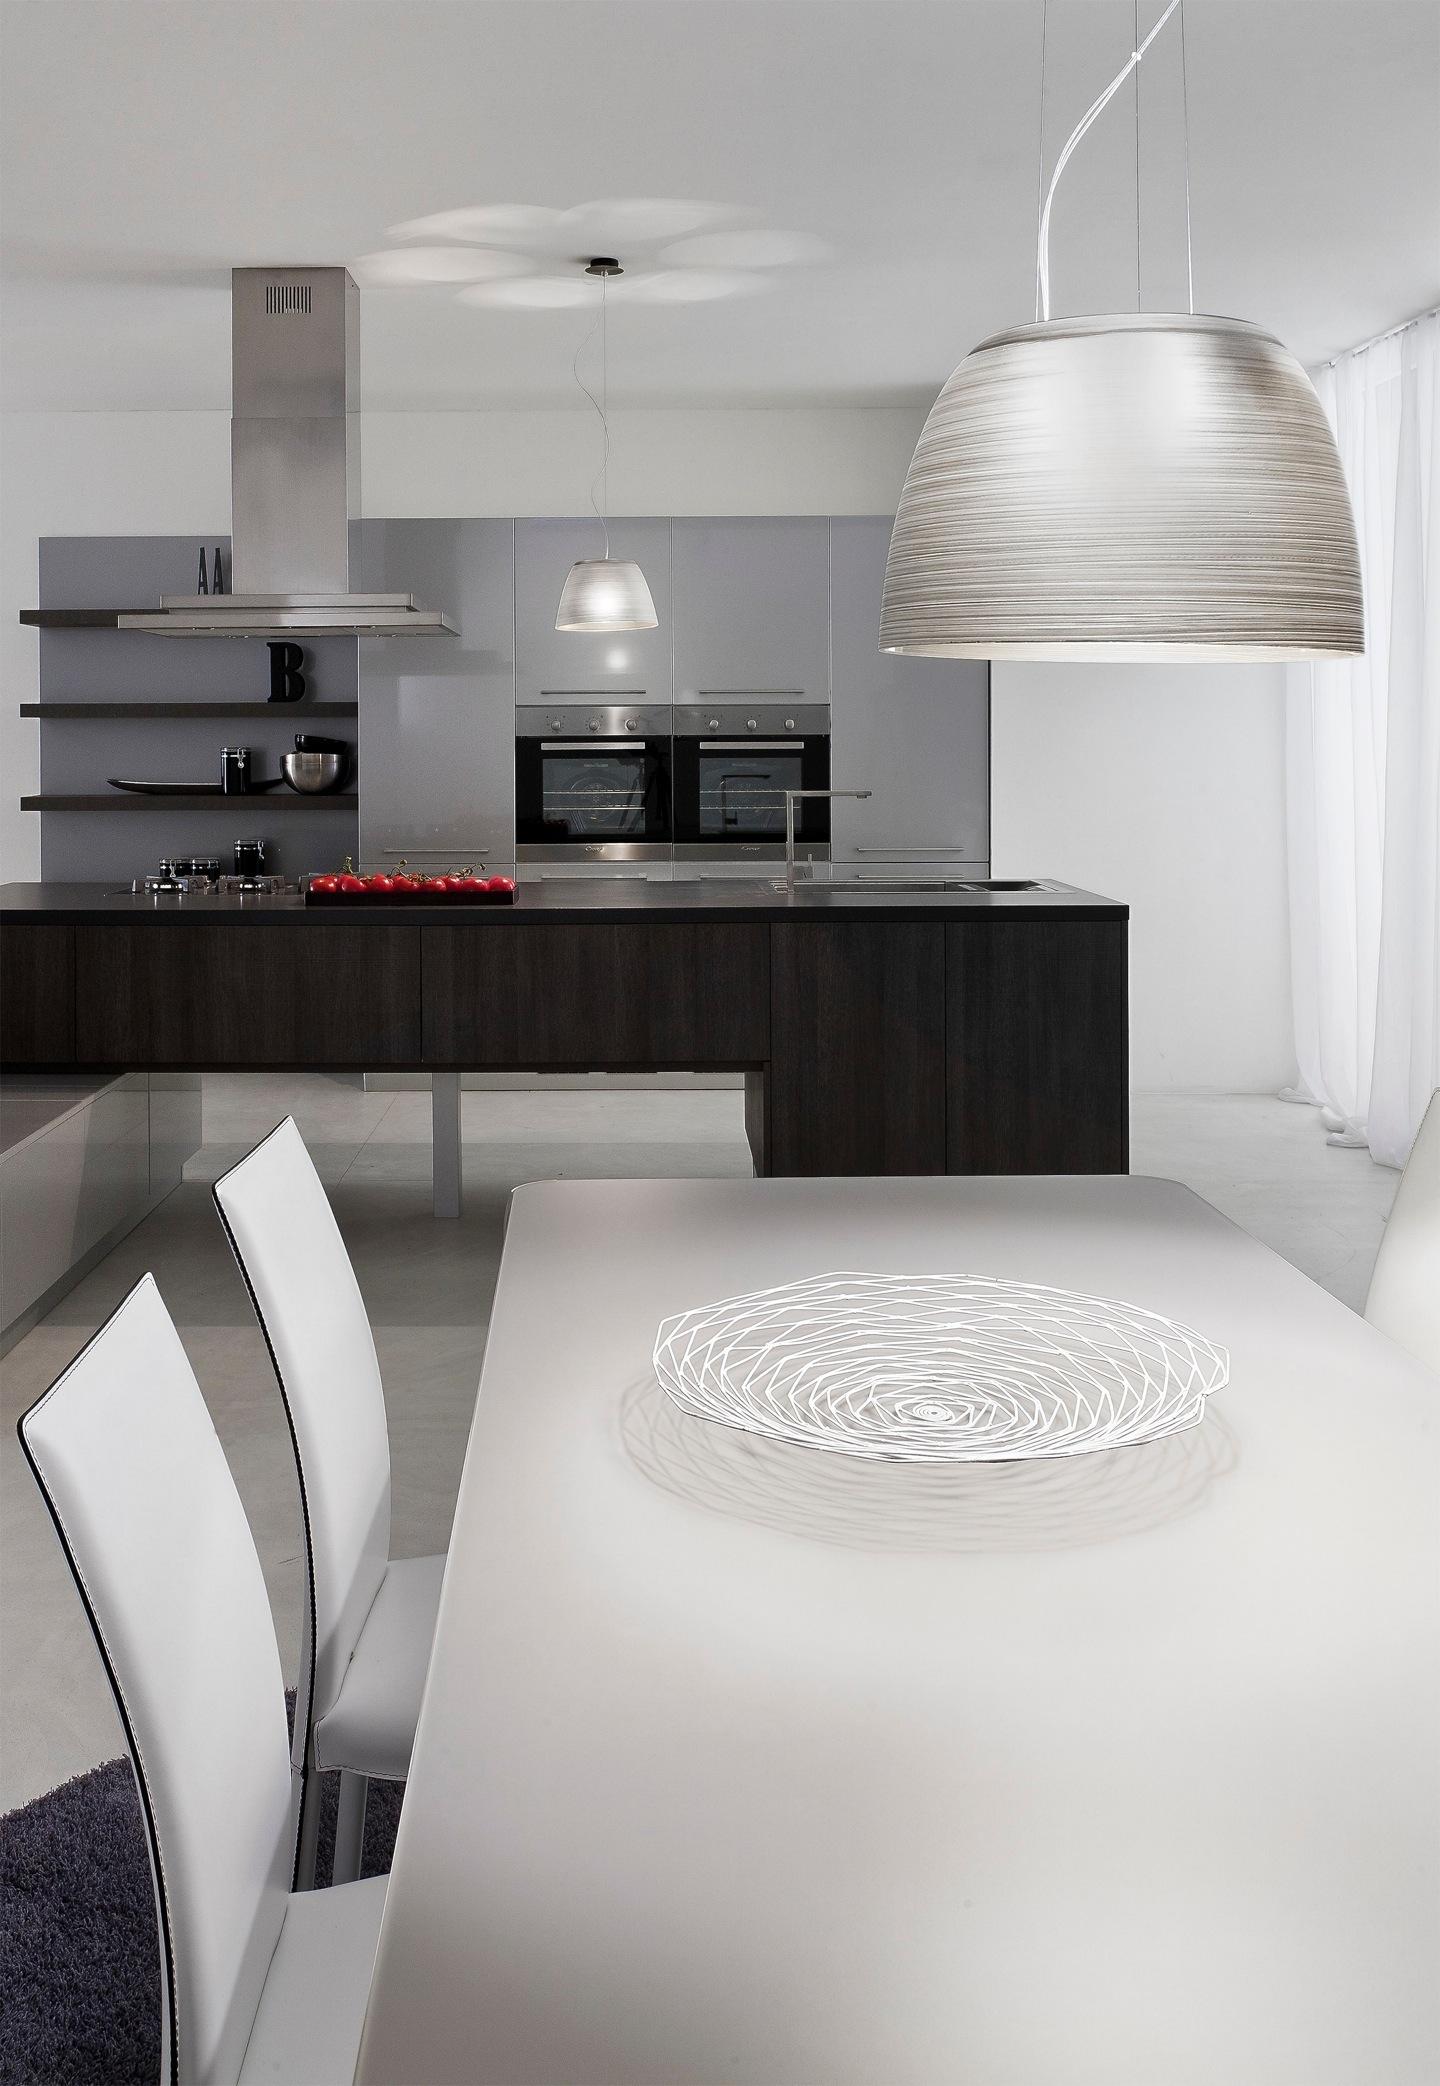 Forum illuminazione cucina con due punti - Illuminazione cucina consigli ...